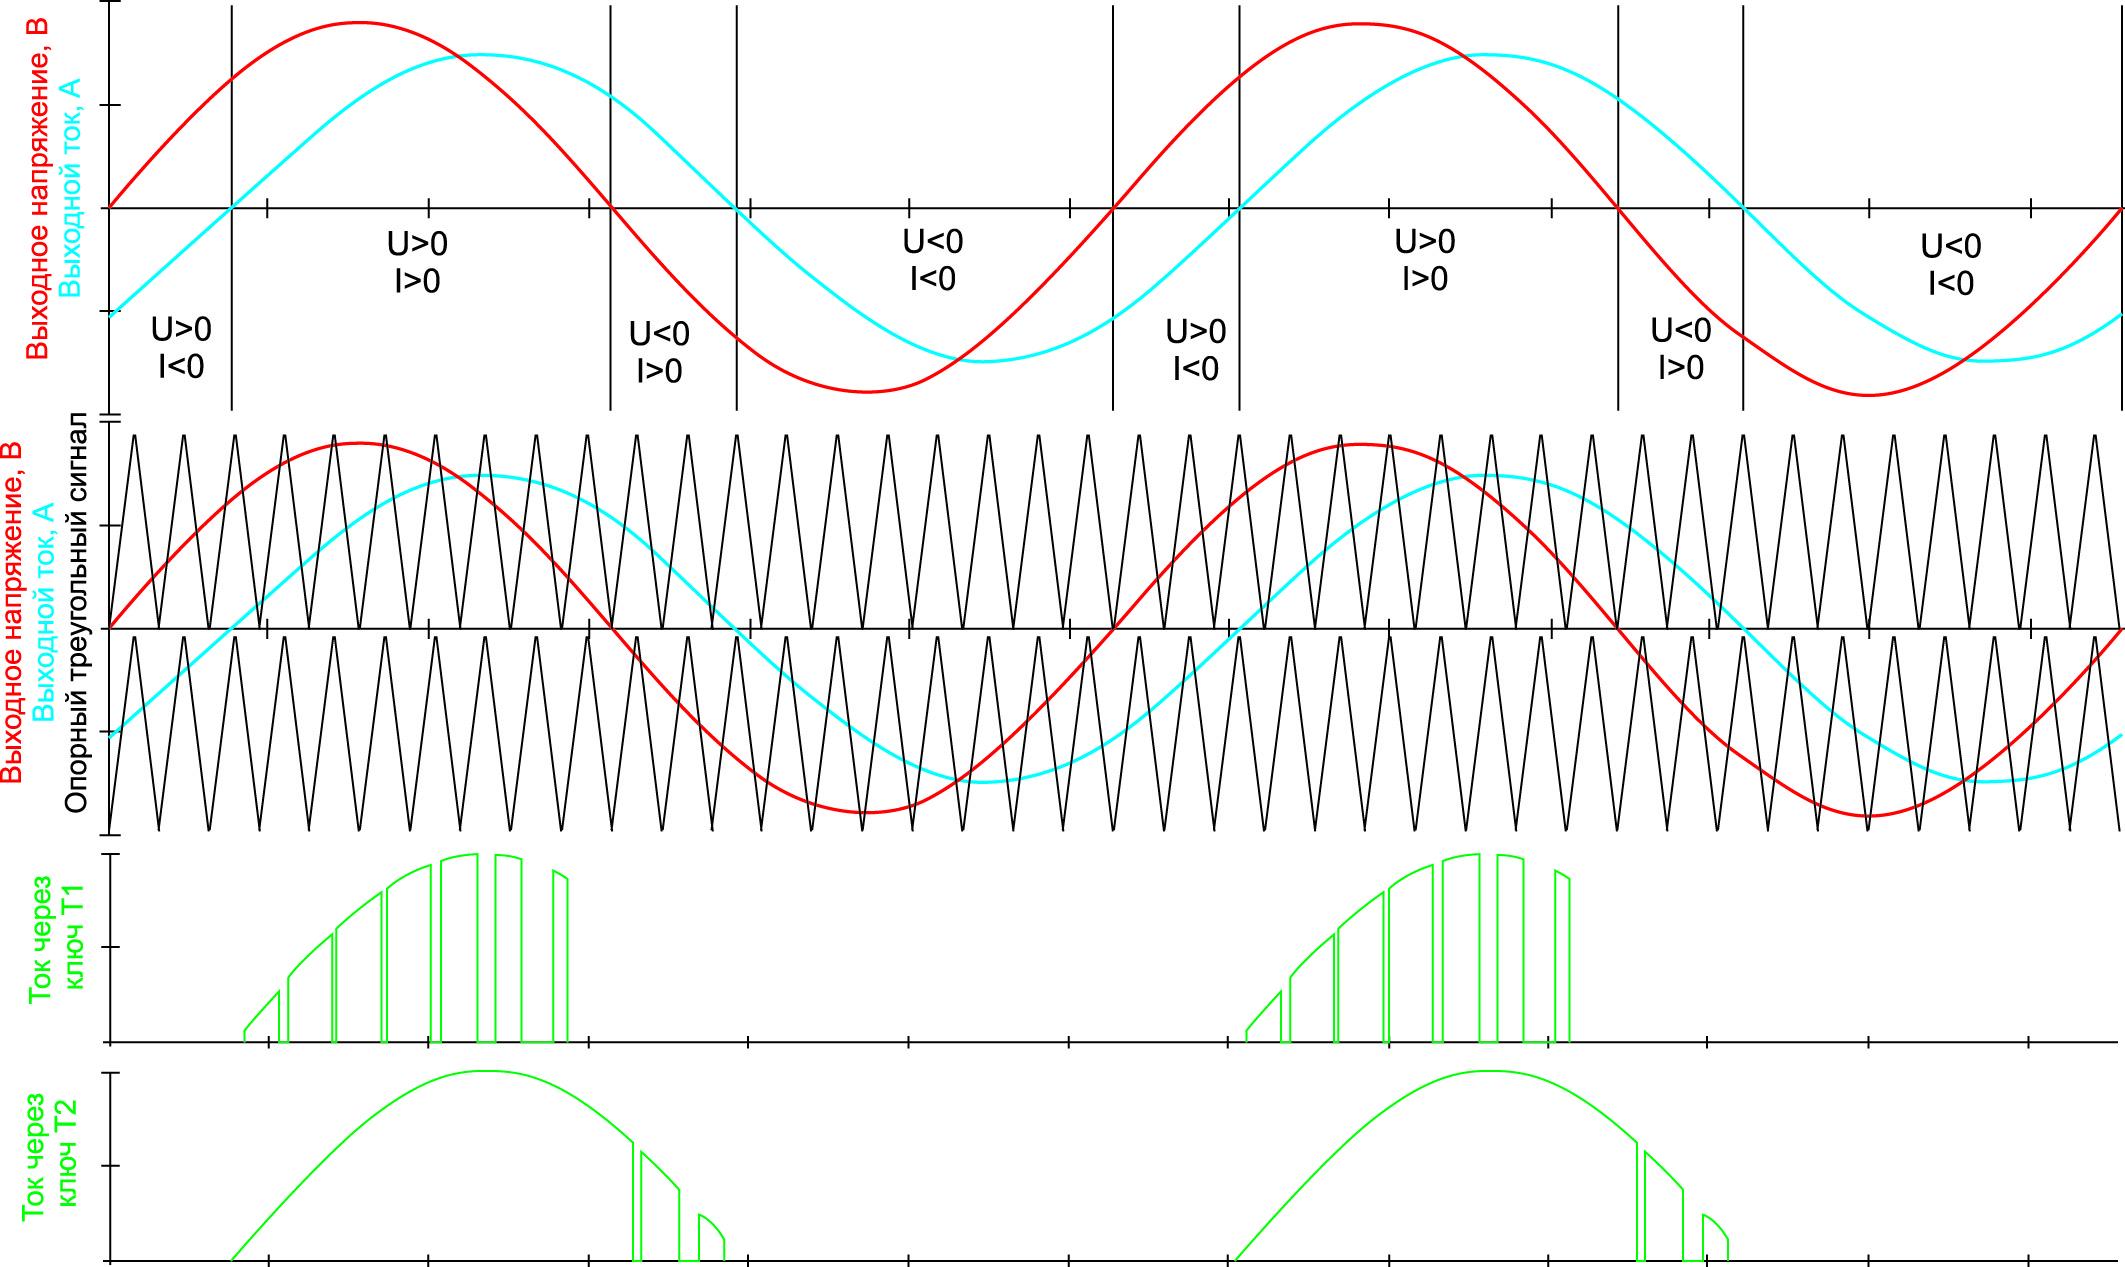 Эпюры токов и напряжений 3L-схемы при управлении по методу PD